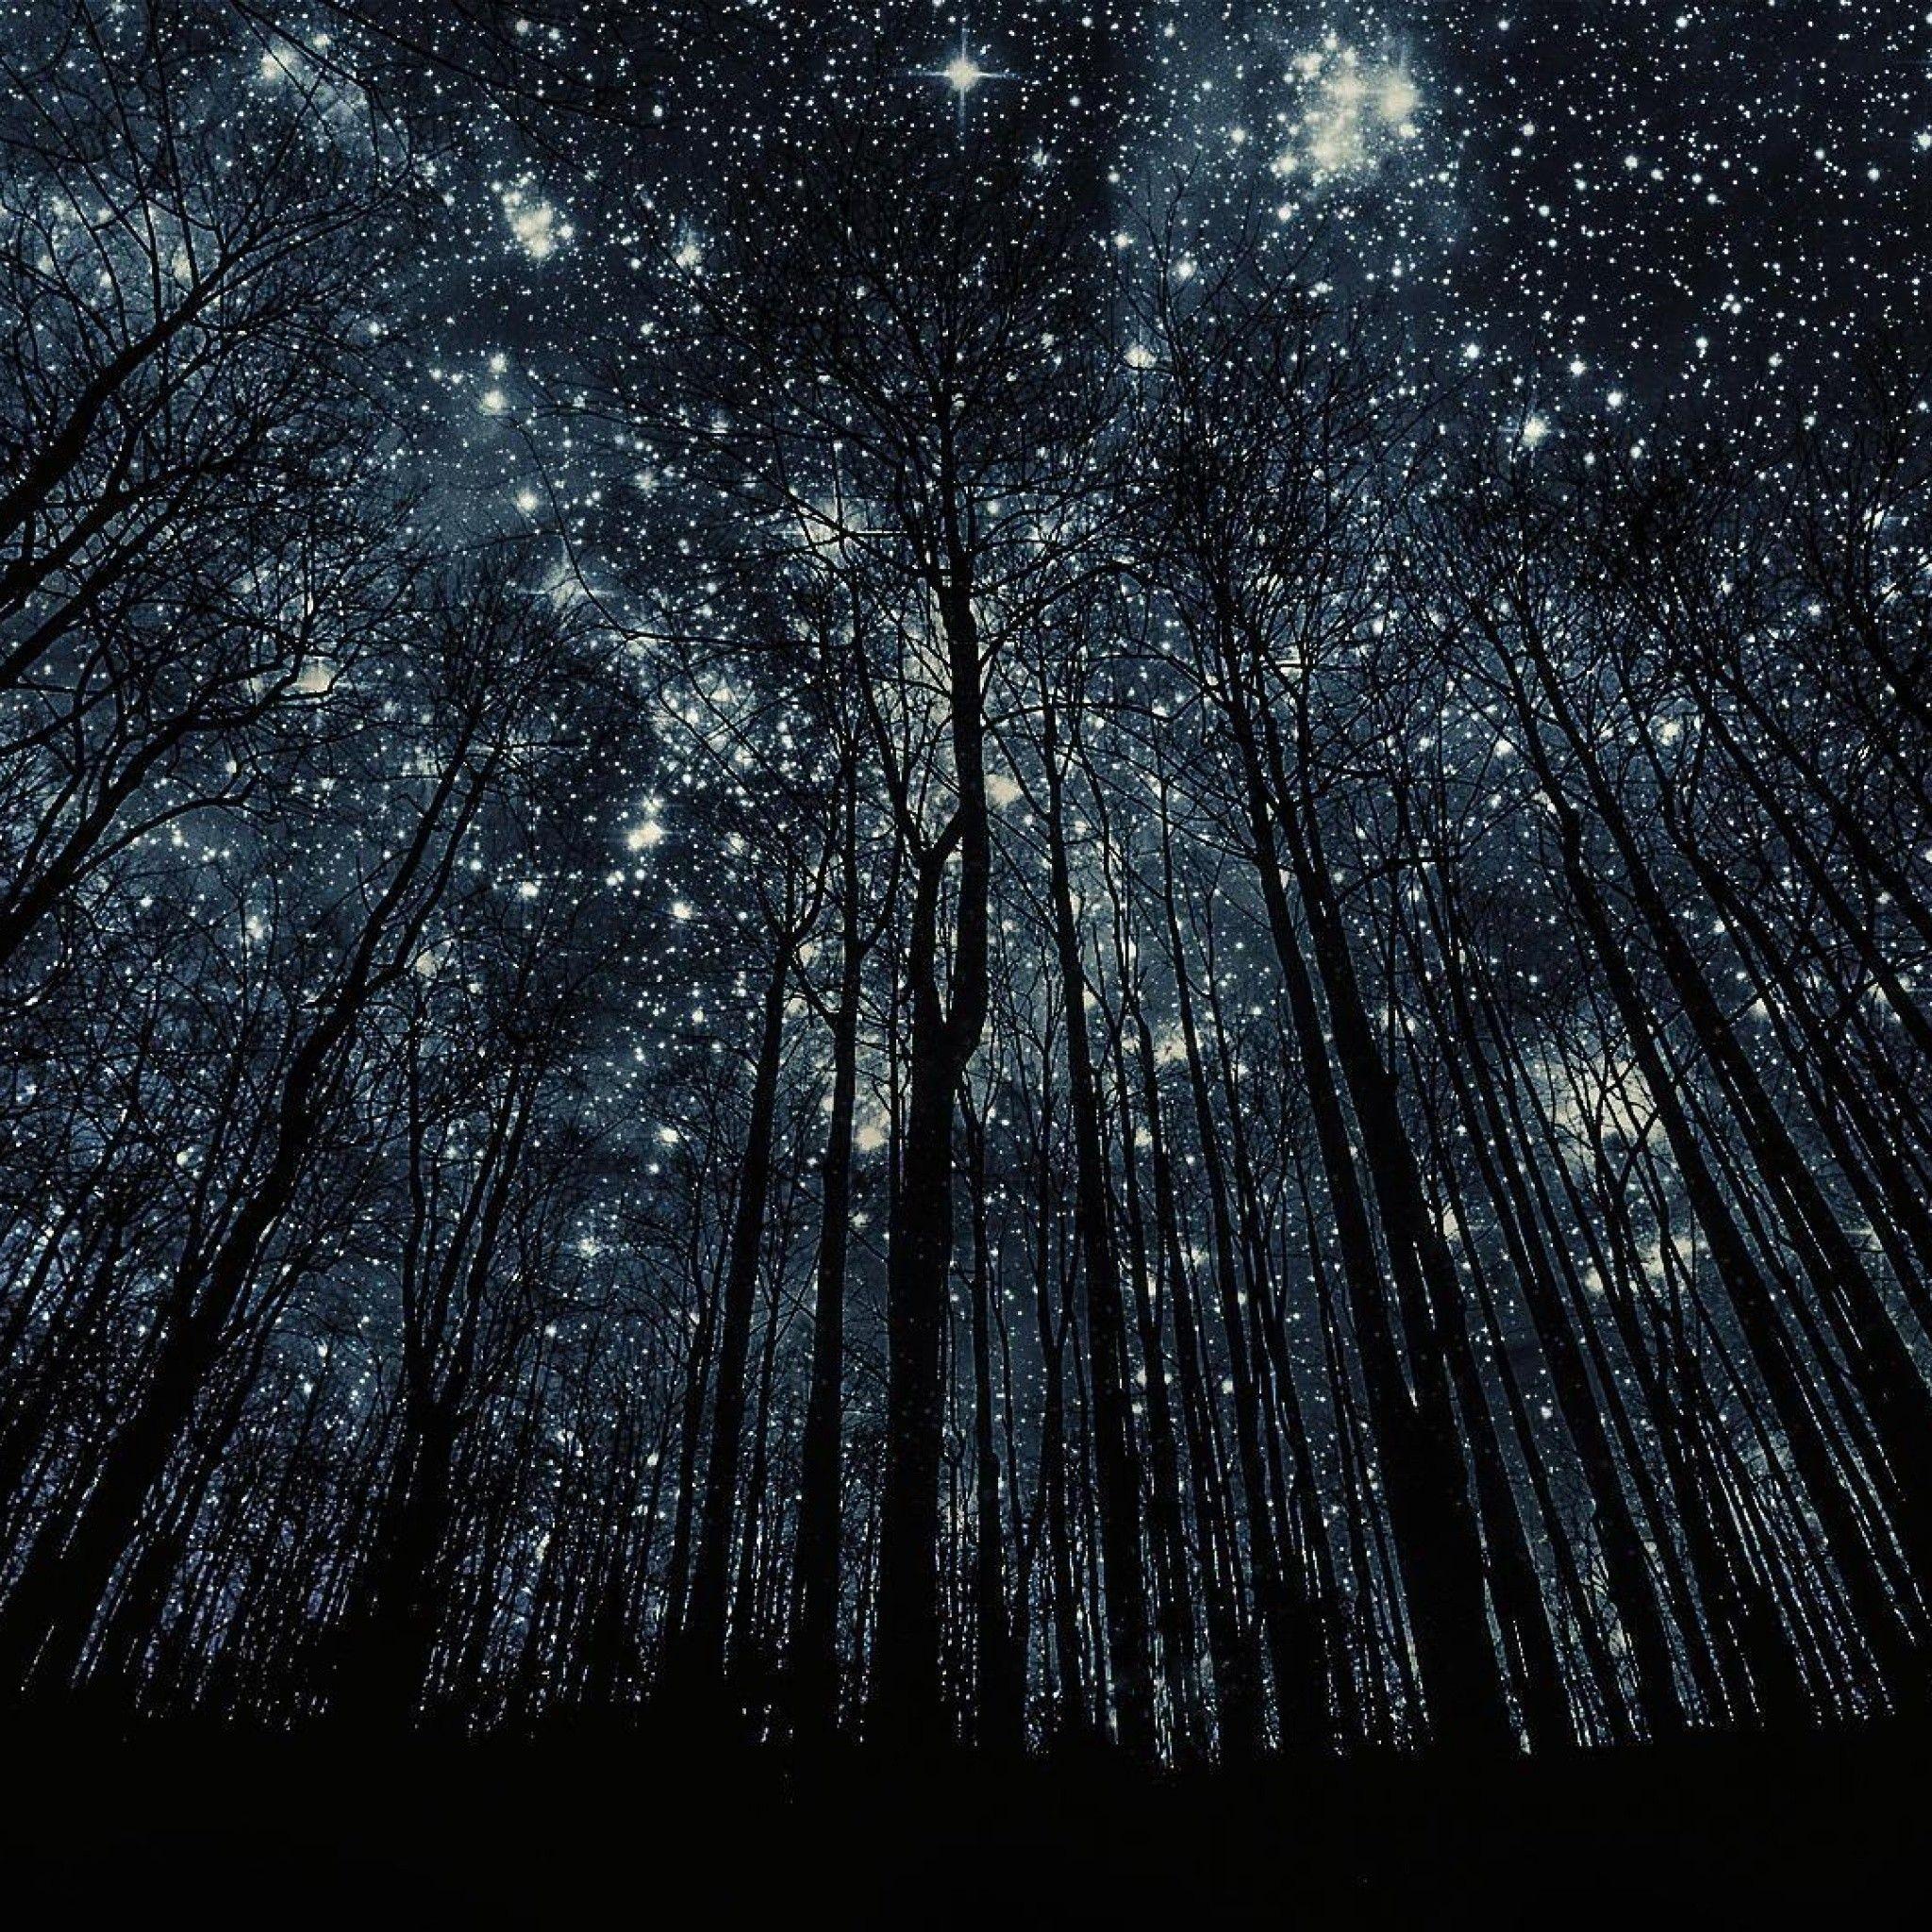 人気130位 星空の森 Ipad タブレット壁紙ギャラリー 月の写真 携帯電話の壁紙 星空